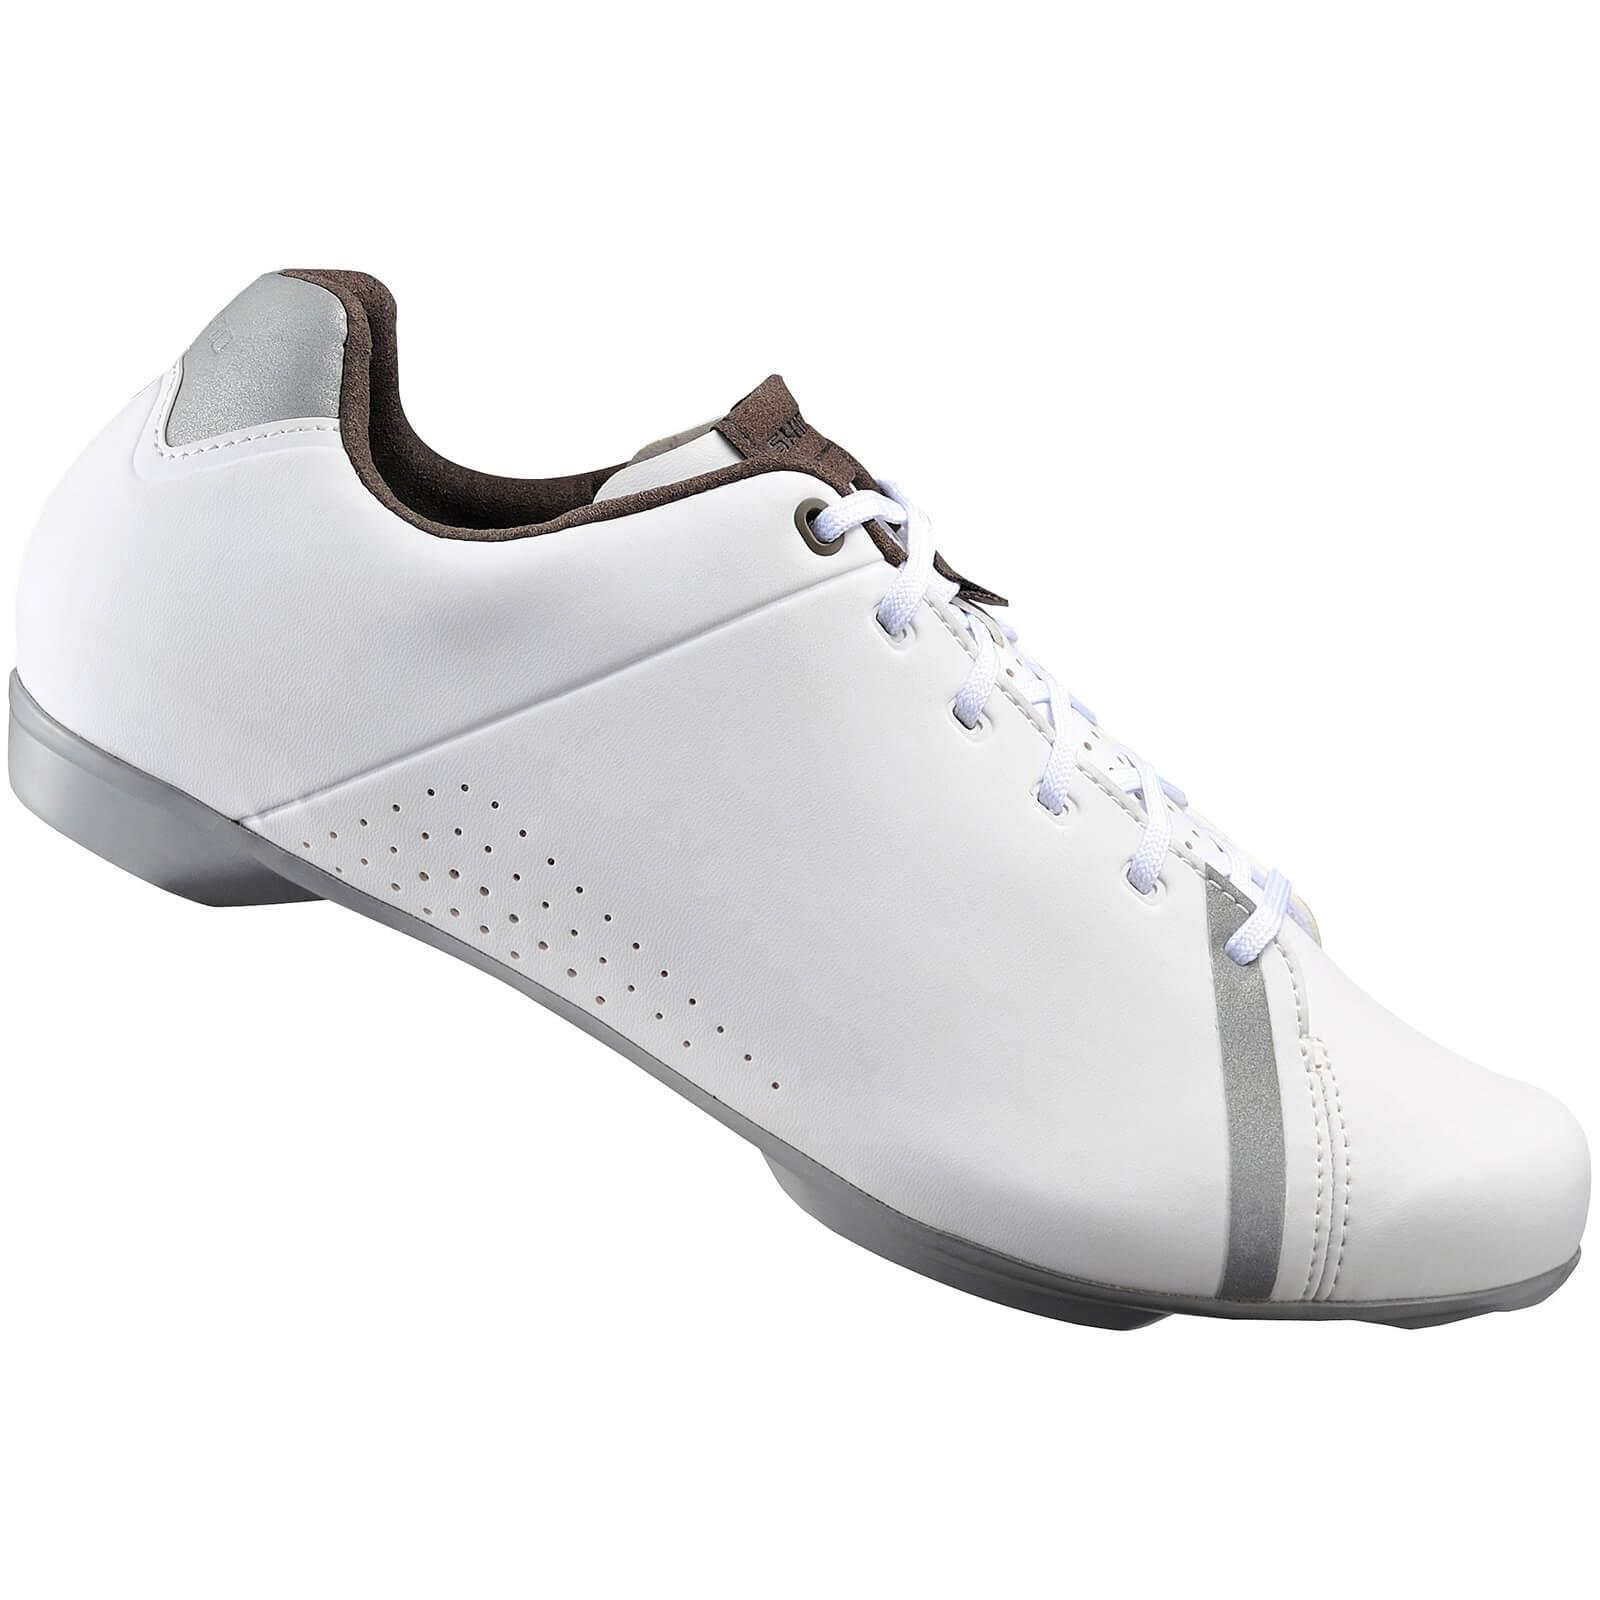 Shimano RT4 SPD Touring Shoes - White - EU 41 - White